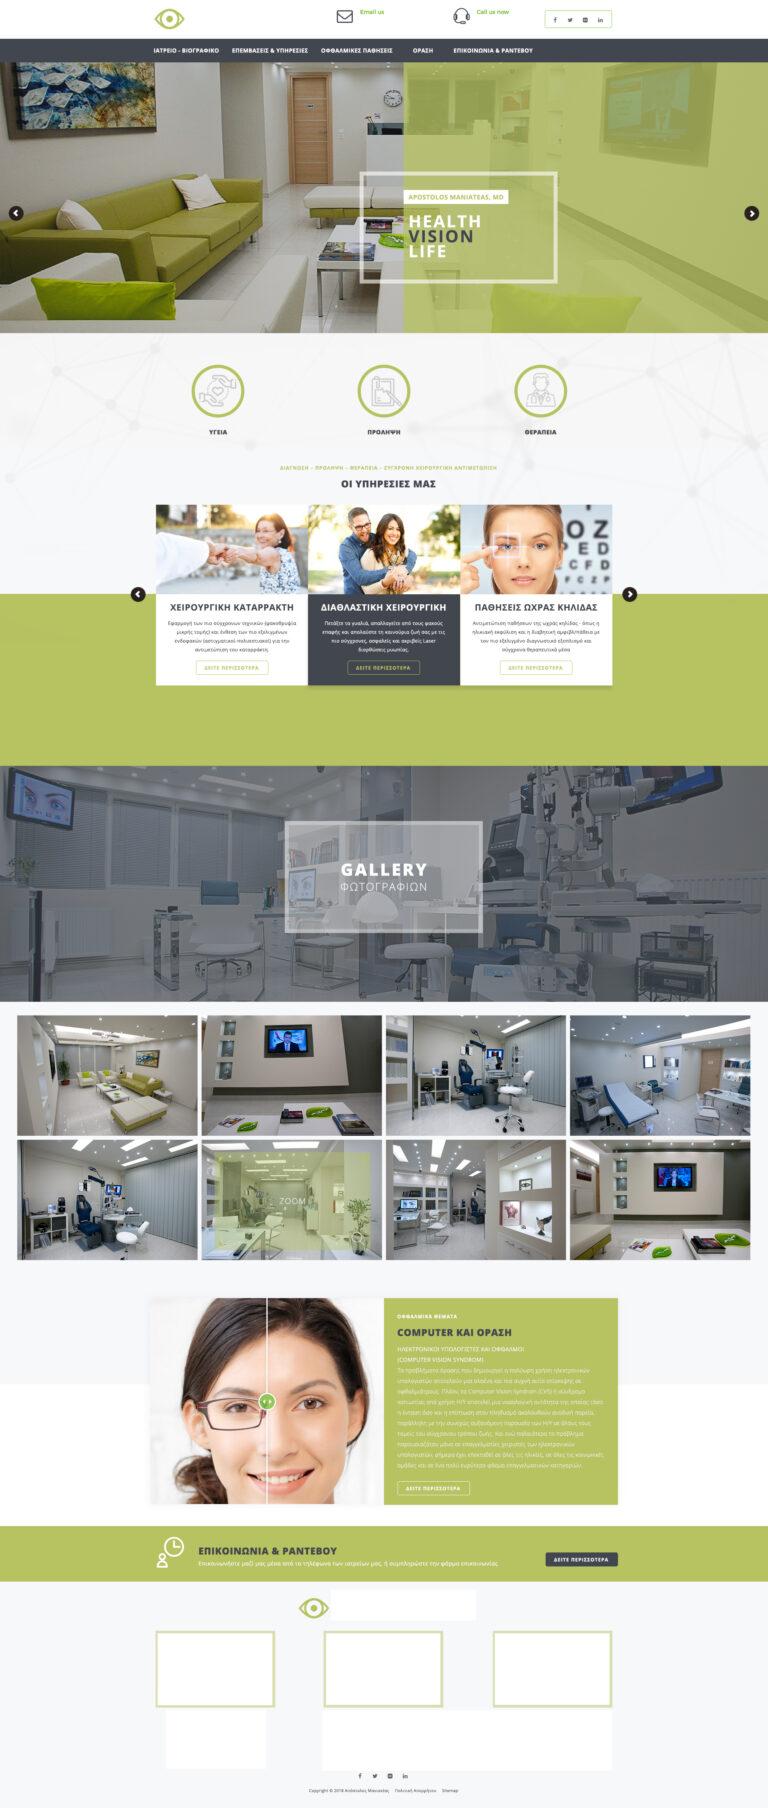 Κατασκευή ιστοσελίδας οφθαλμιάτρου